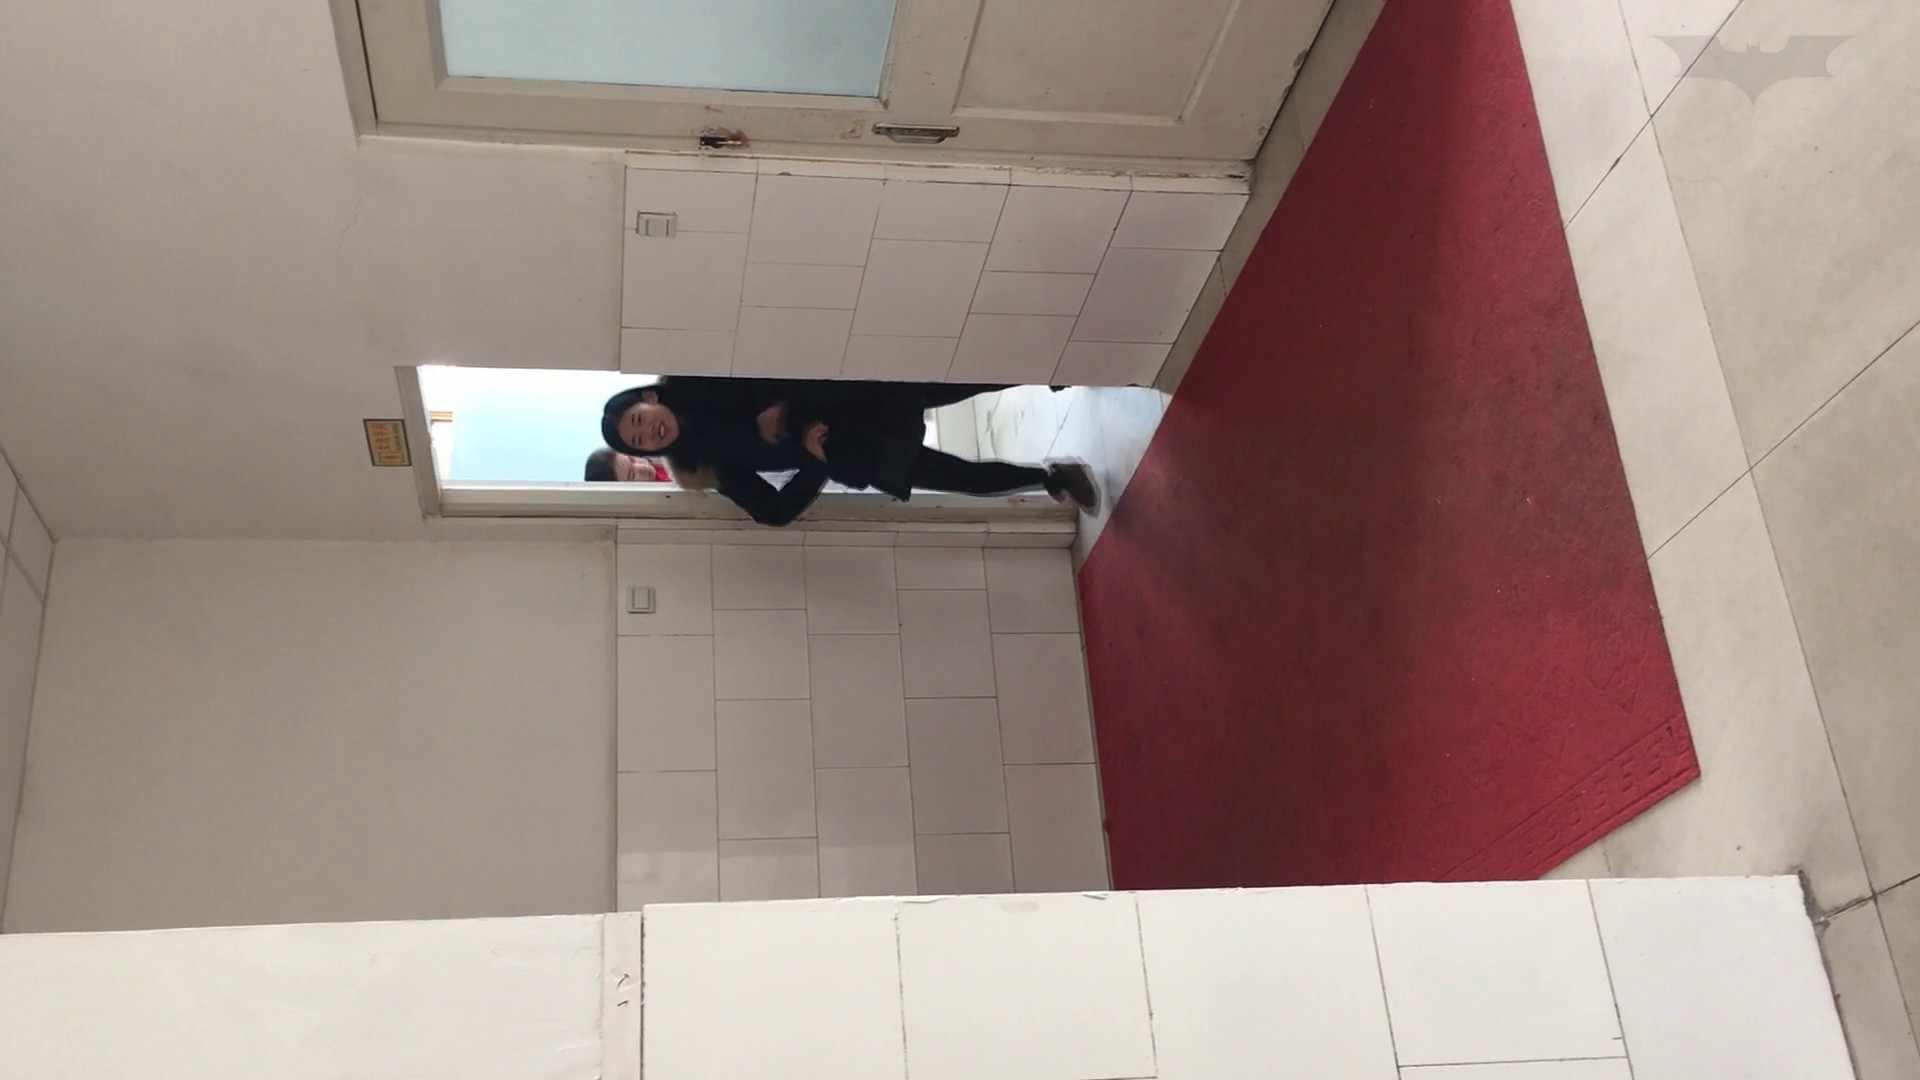 芸術大学ガチ潜入盗撮 JD盗撮 美女の洗面所の秘密 Vol.91 美女 ワレメ動画紹介 85枚 74